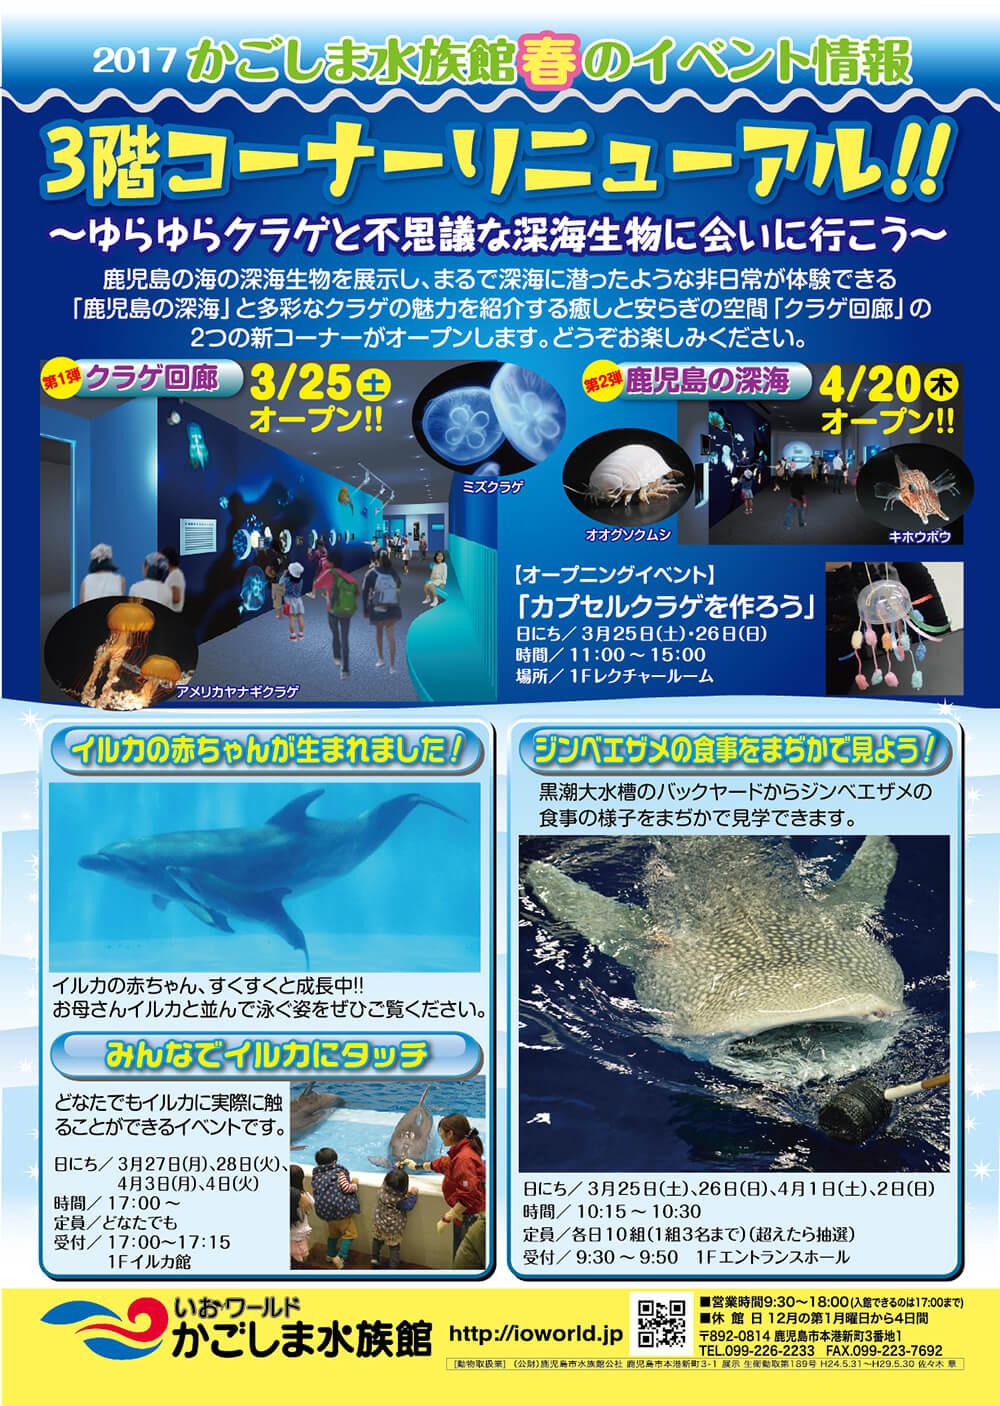 かごしま水族館春のイベント情報